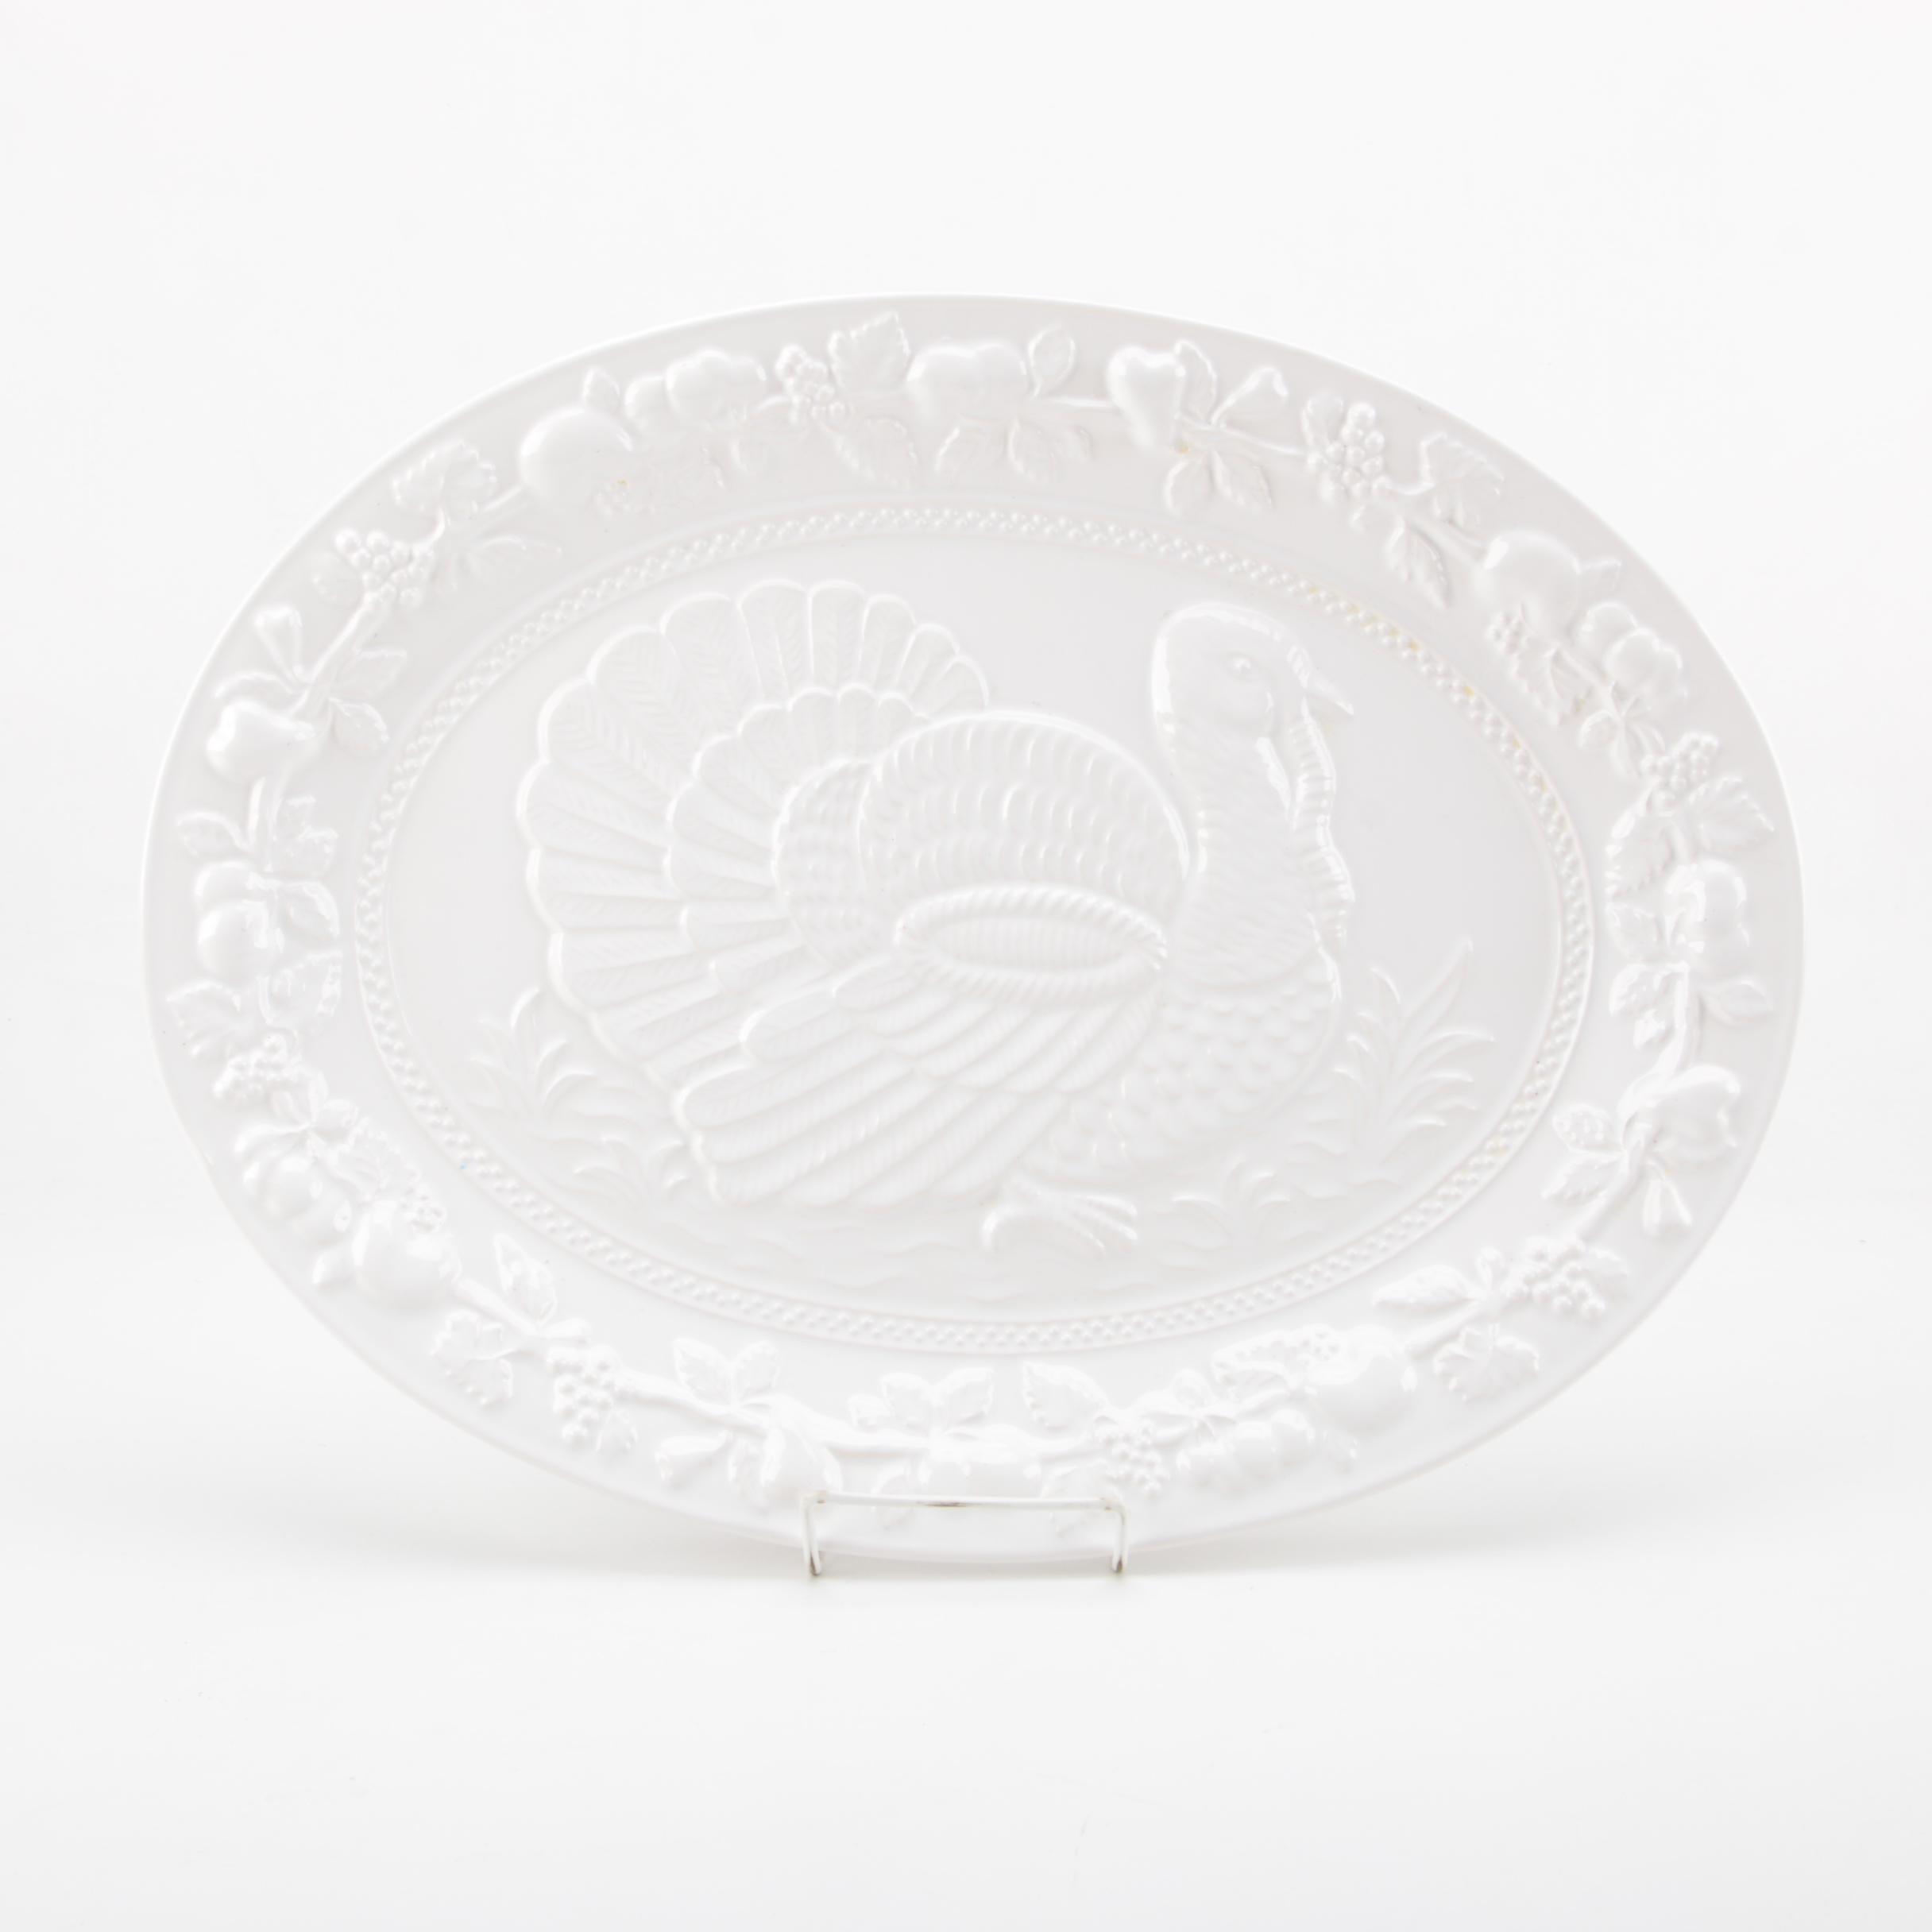 White Ceramic Embossed Turkey Platter Made in Portugal